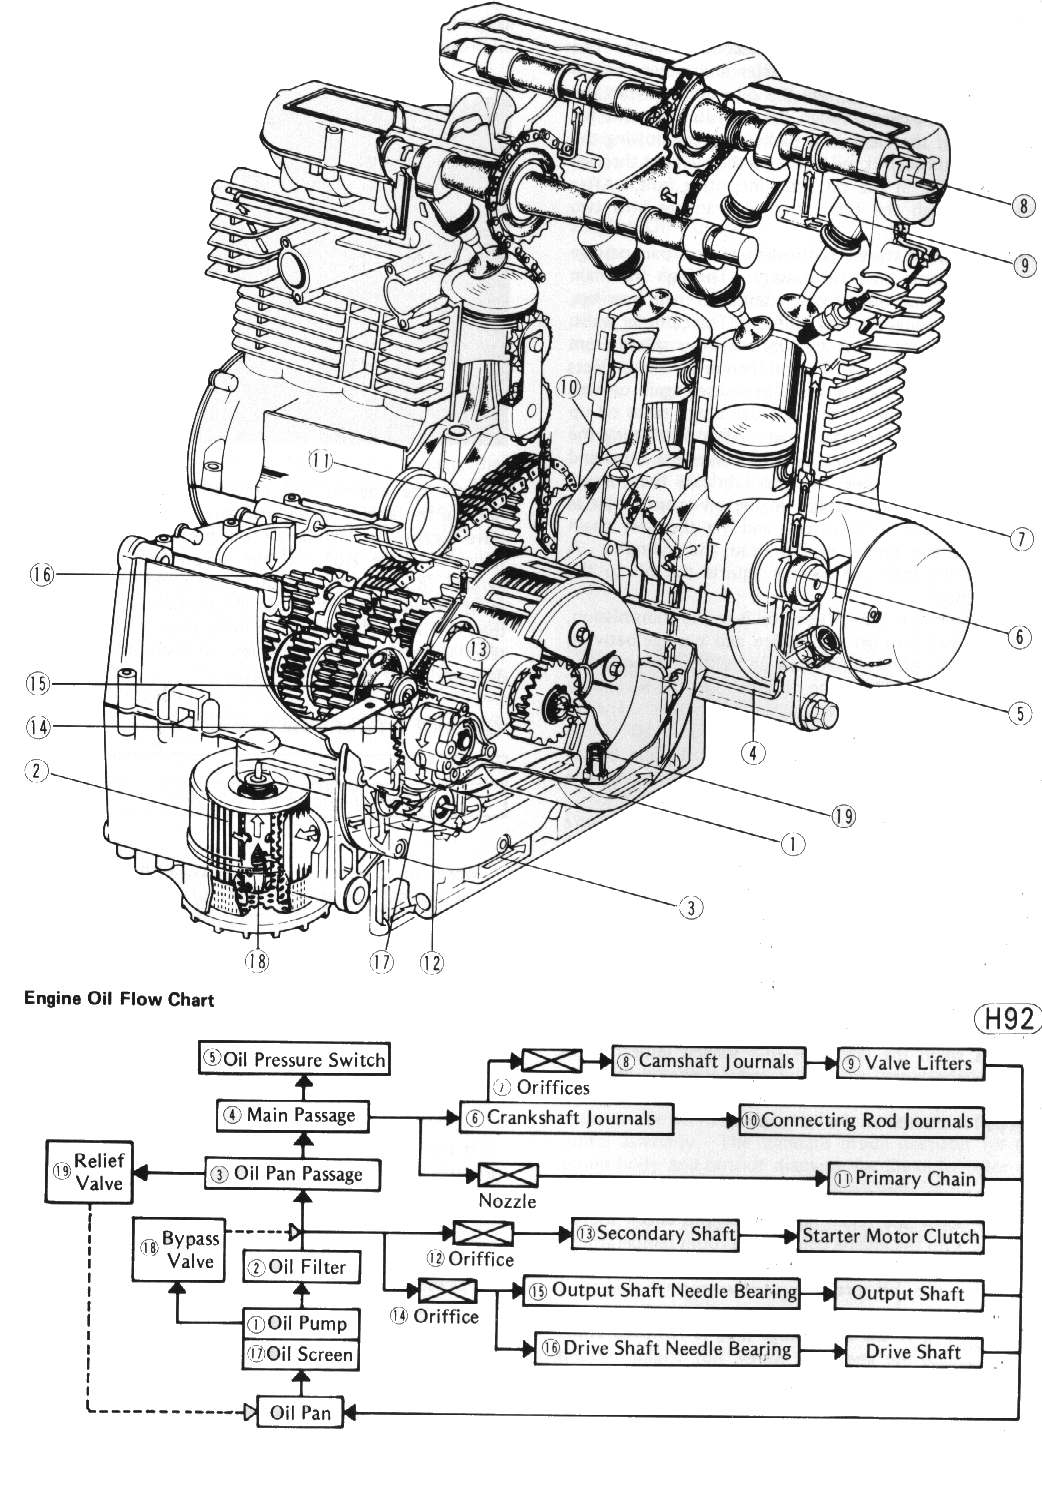 Kz650fo